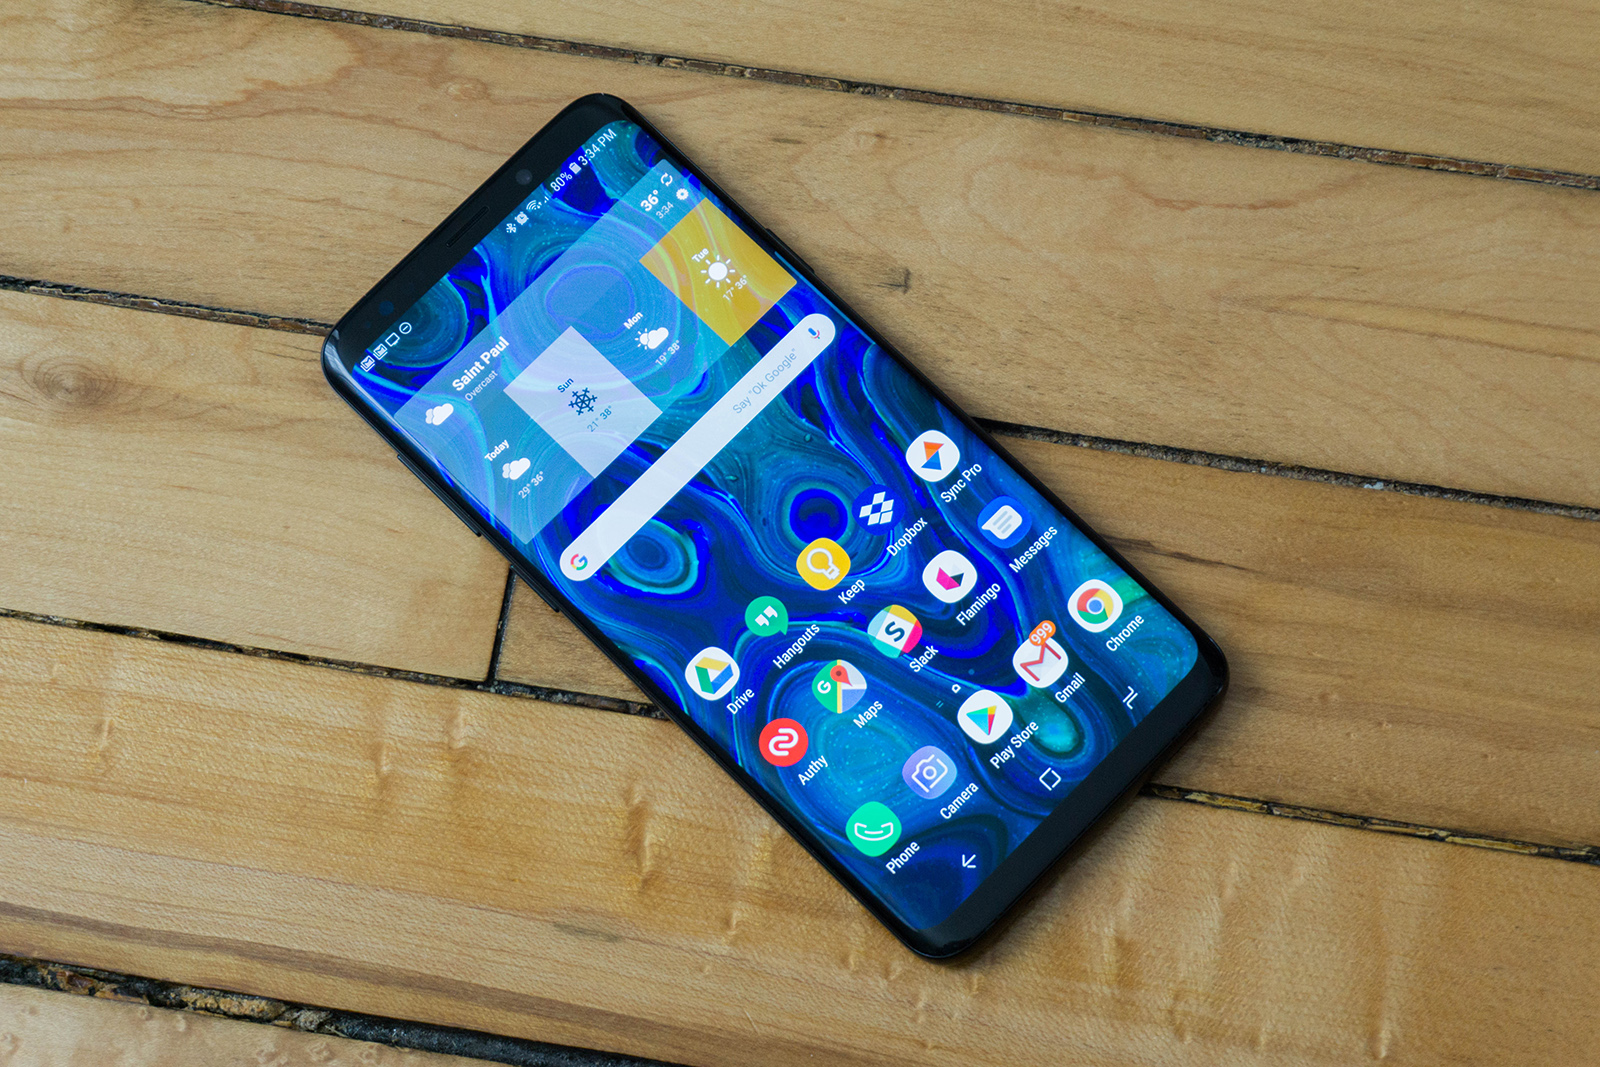 Samsung S9 Plus , Samsung S9 Plus Camera ,Samsung S9 Plus Camera test,Samsung S9 Plus display Glass Replace, Samsung S9 Plus Camera, Samsung S9 Plus Camera glass